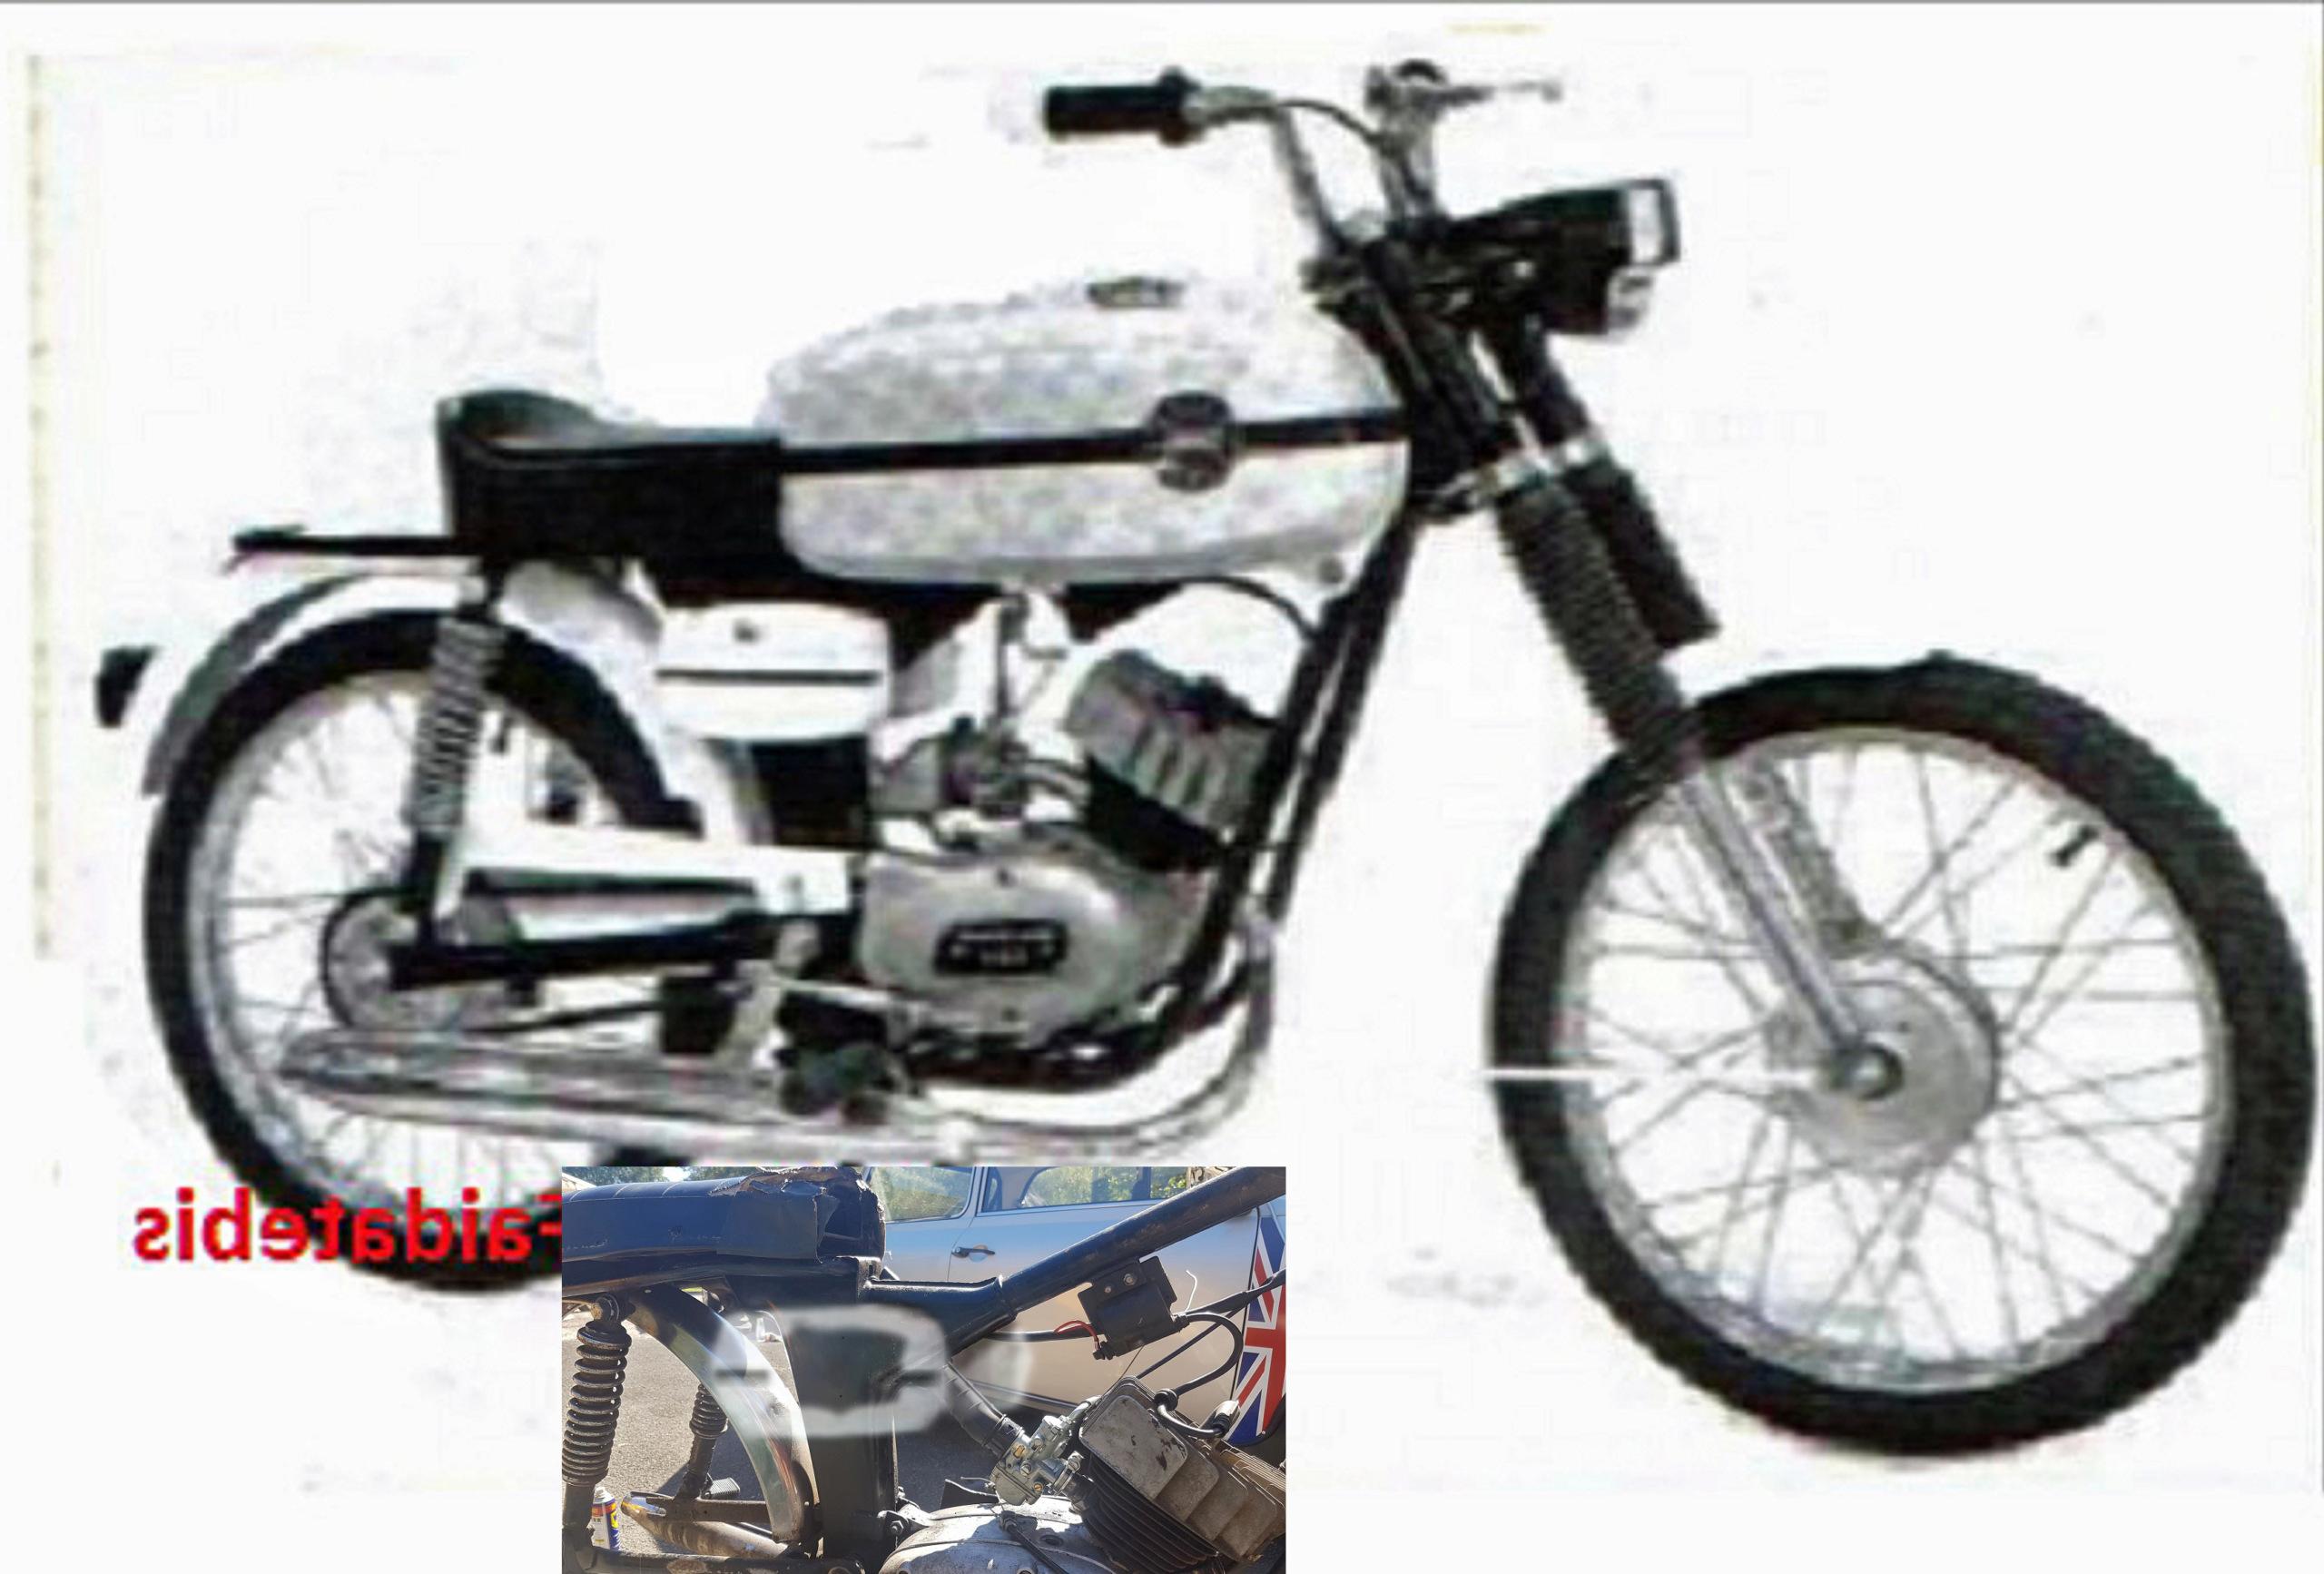 MOTOM 121 Motom_19